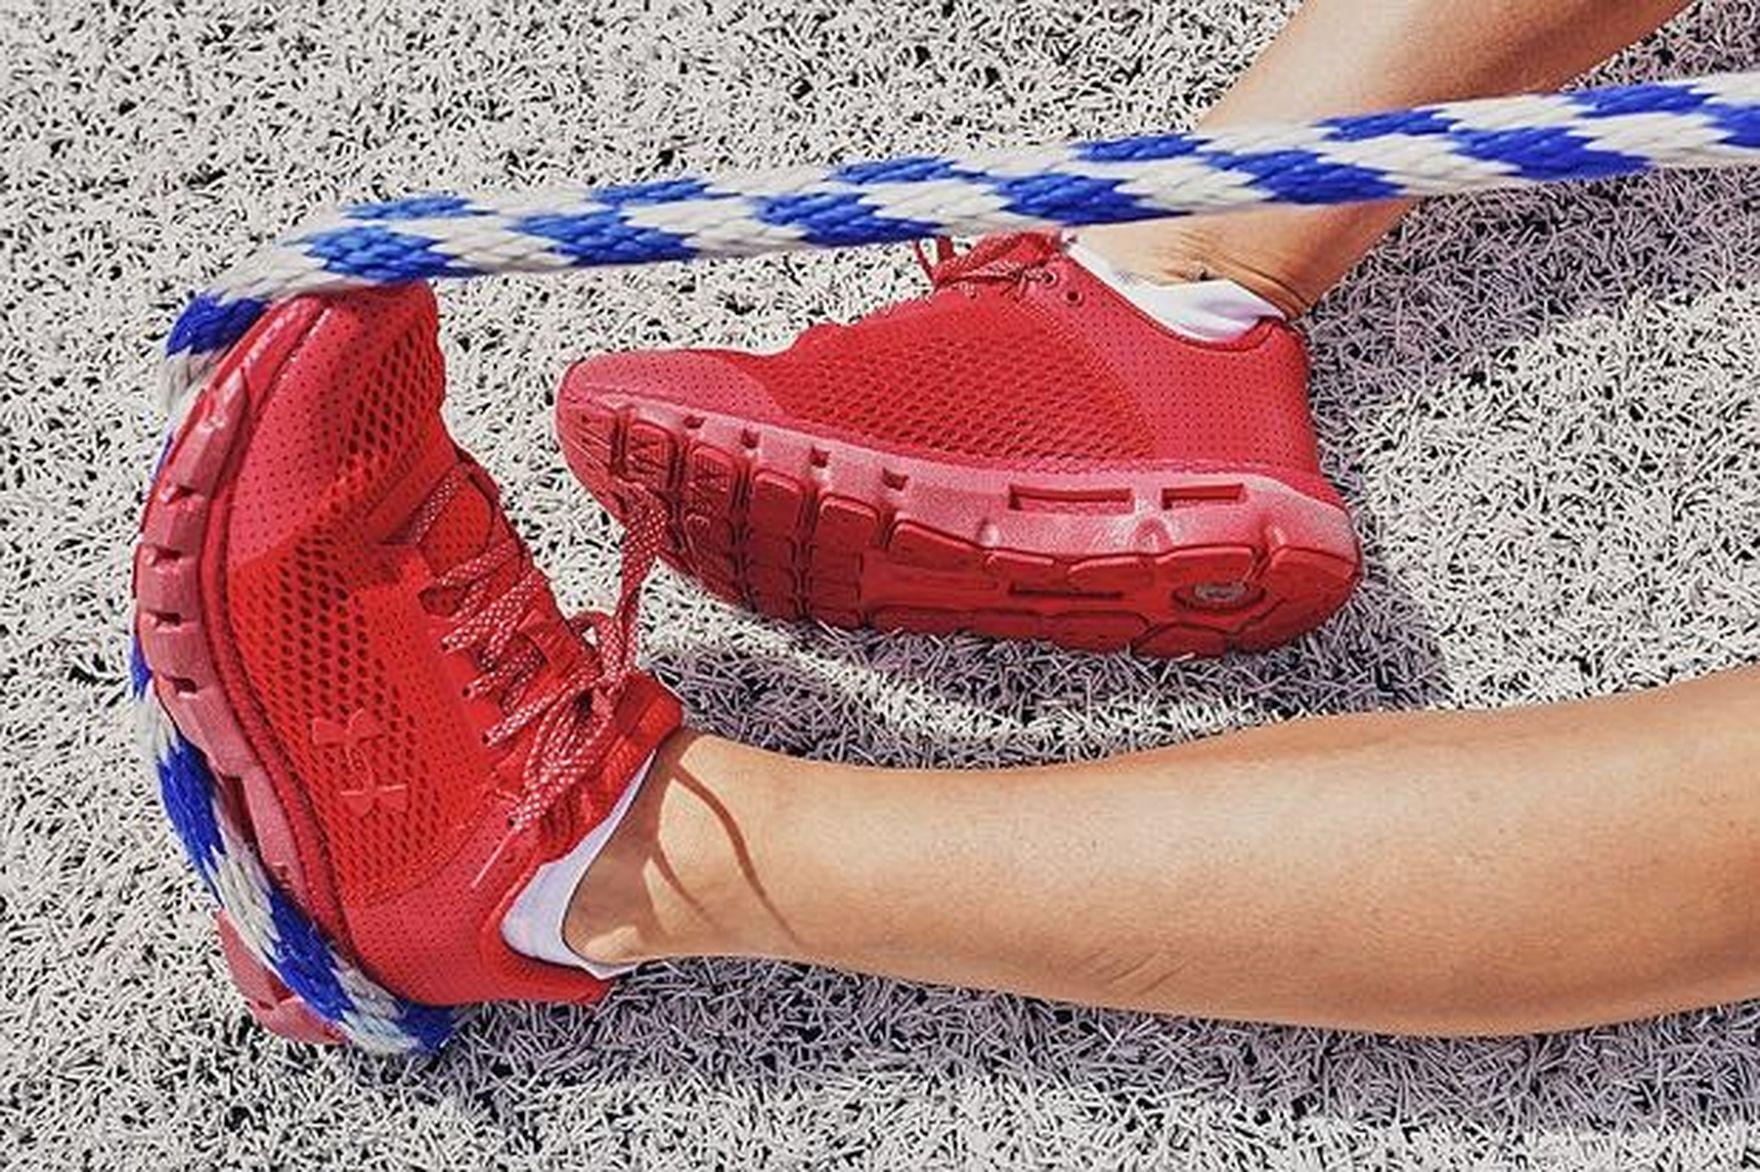 Wyprzedaż butów do biegania - rabaty sięgają do 80%! Modele tej marki świetnie odprowadzają wilgoć